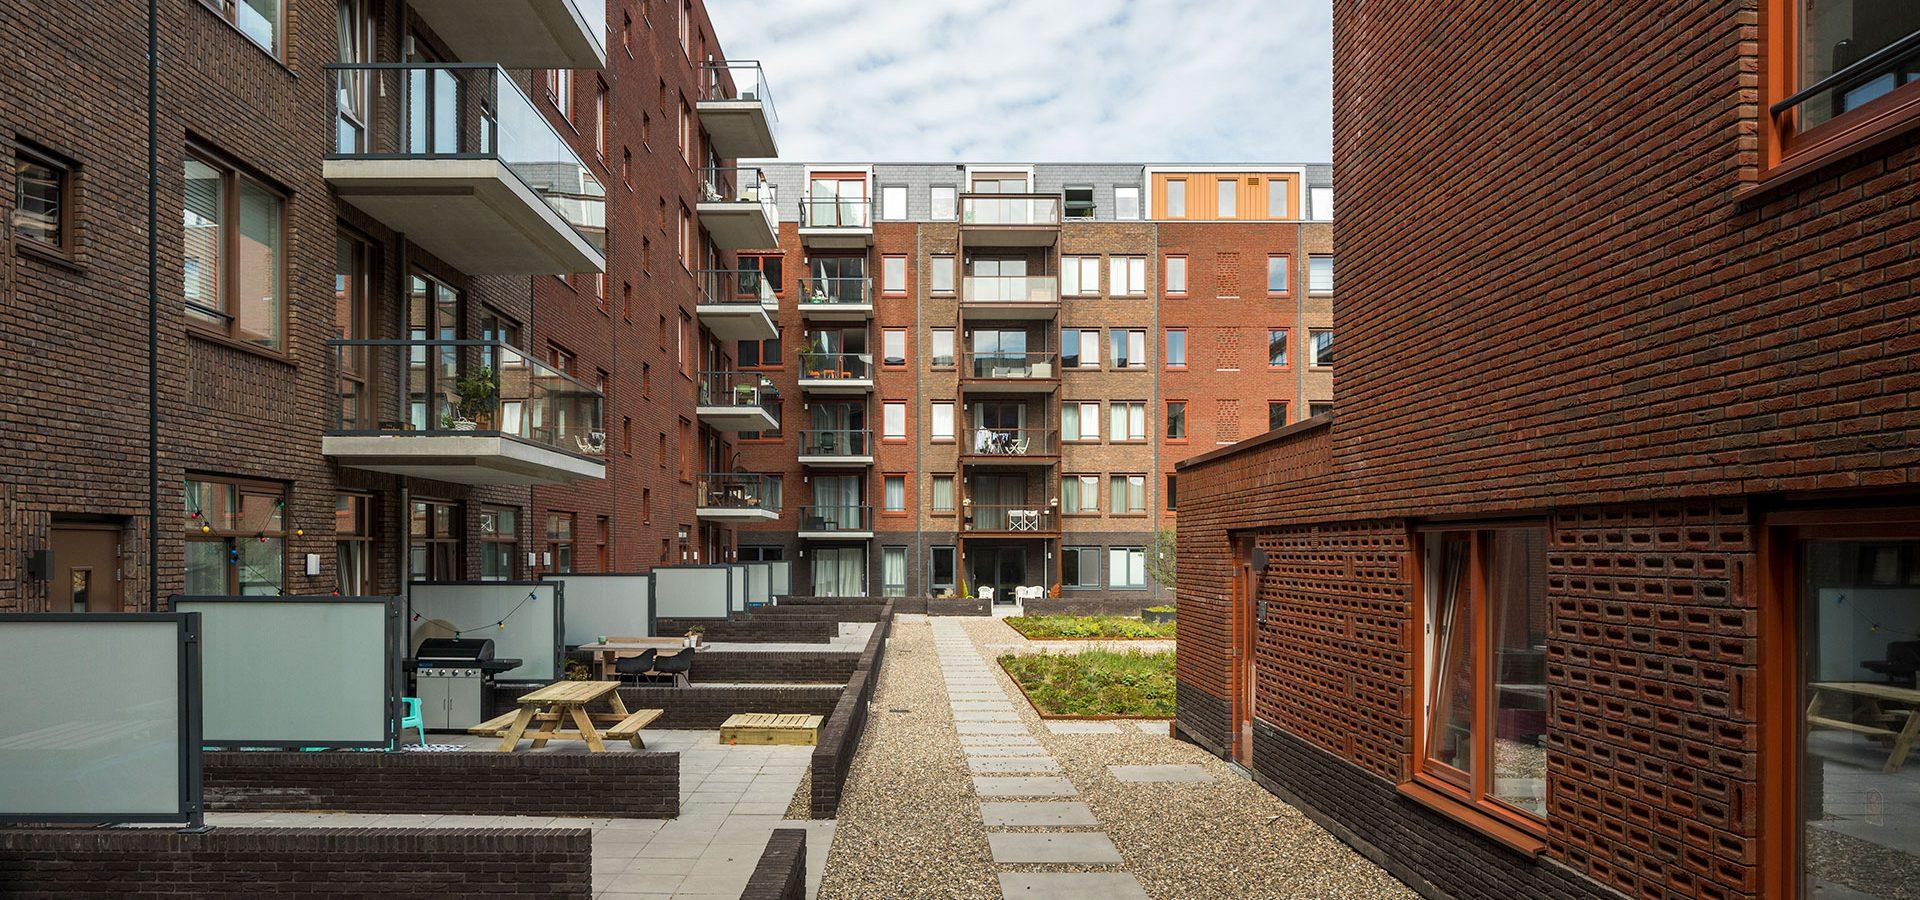 FARO architecten Kwintijn fase 2 Amsterdam 01